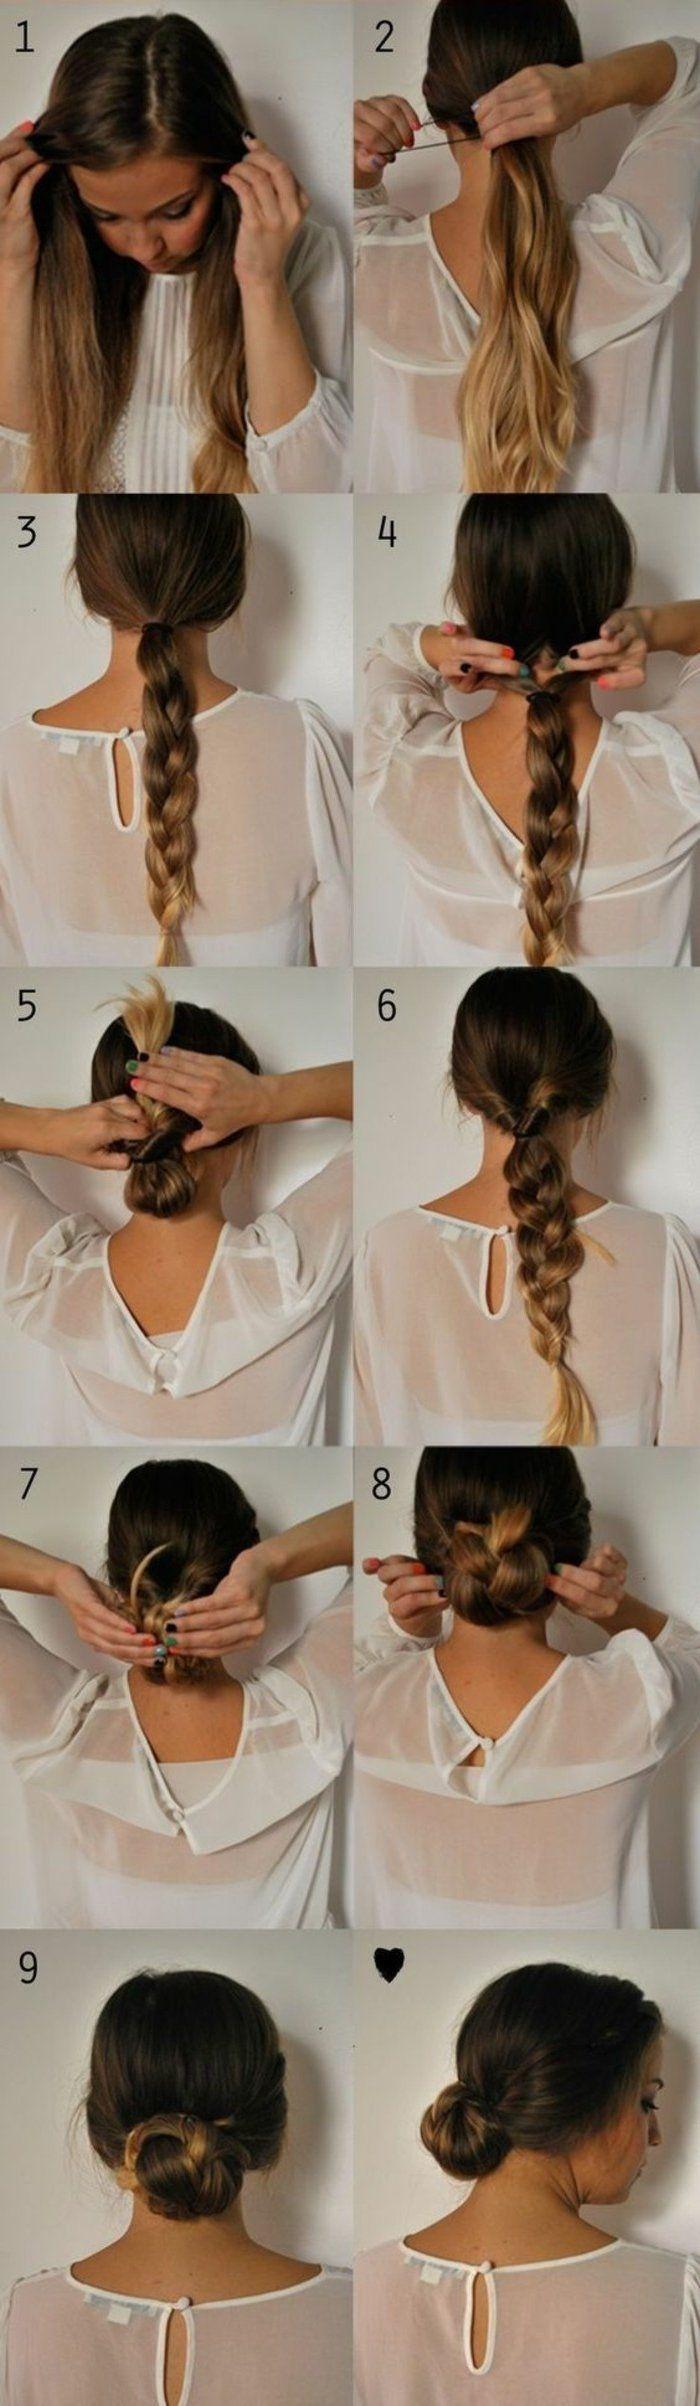 coiffure avec tresse, tuto très utile pour faire une chignon tressé facile et sympa